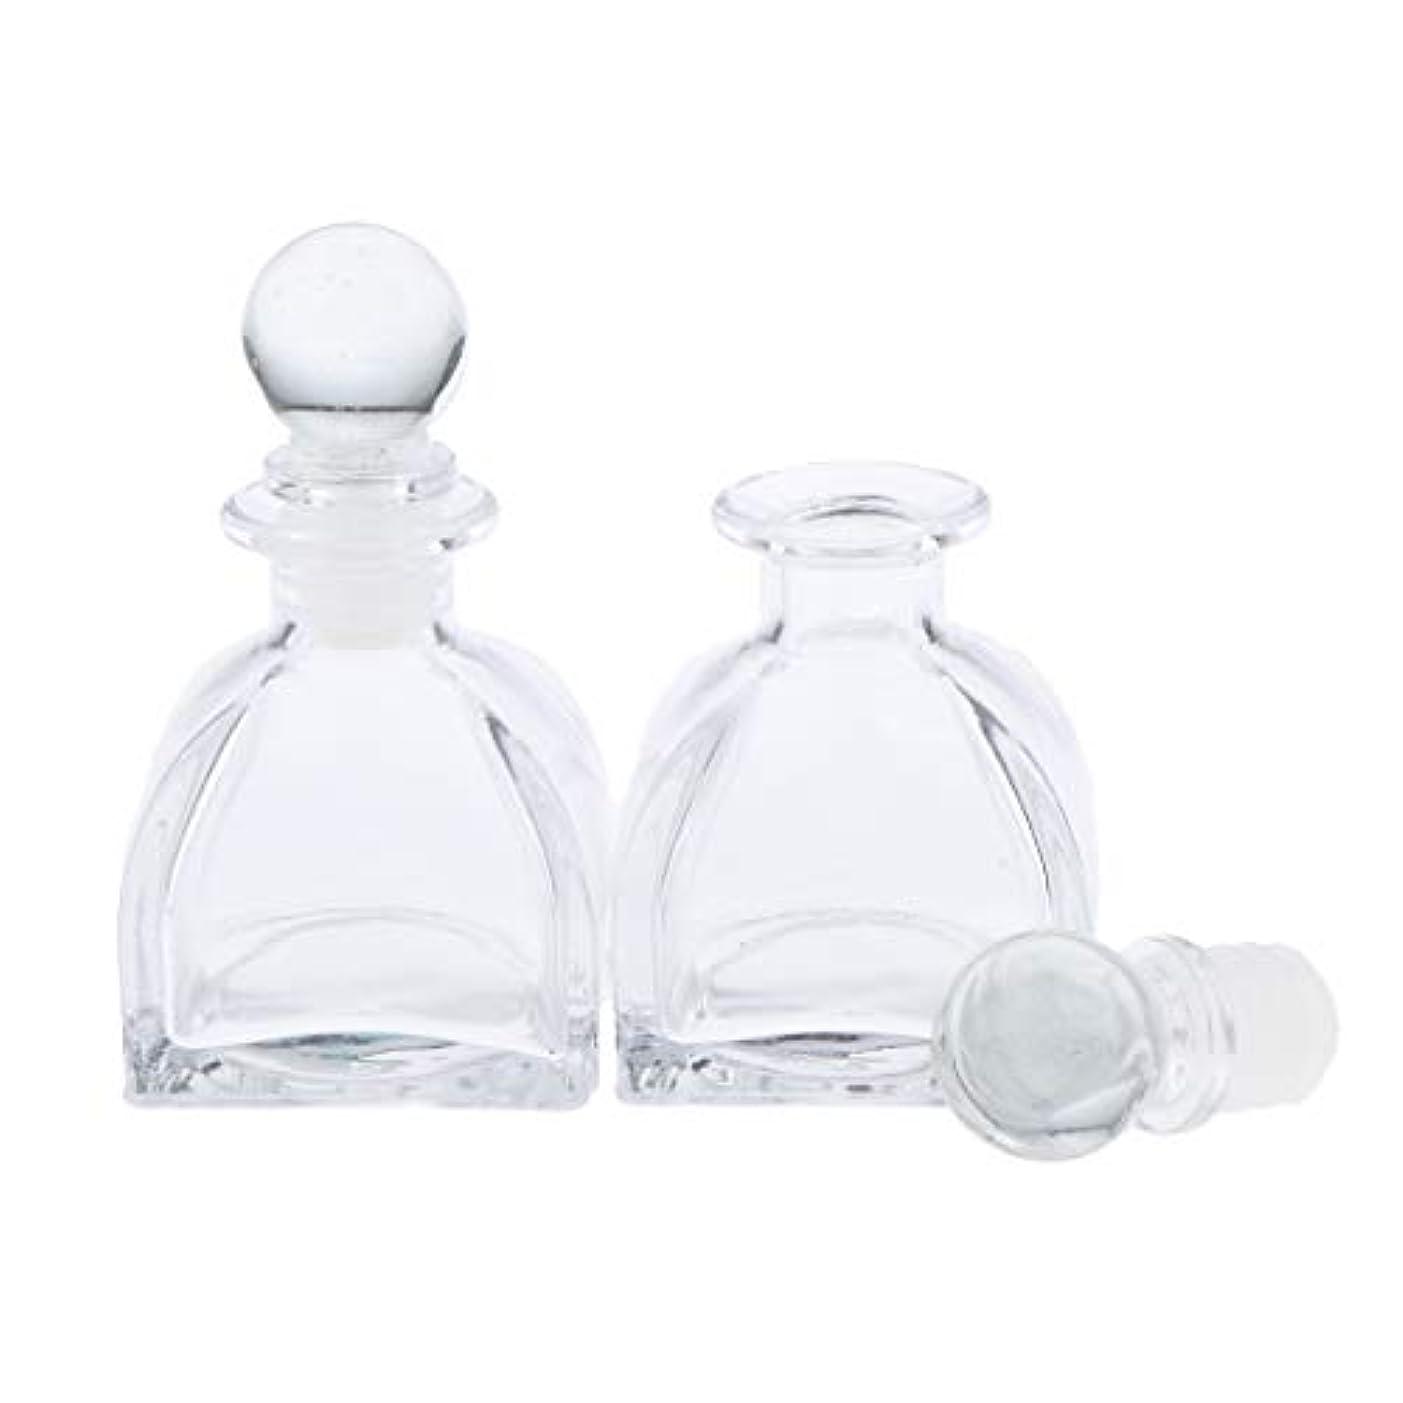 アイロニーレンズ聴くPerfeclan 2個 全3サイズ 香水ディフューザーボトル ガラスボトル 透明 ローション 化粧品適用 DIY 交換 - 50ミリリットル